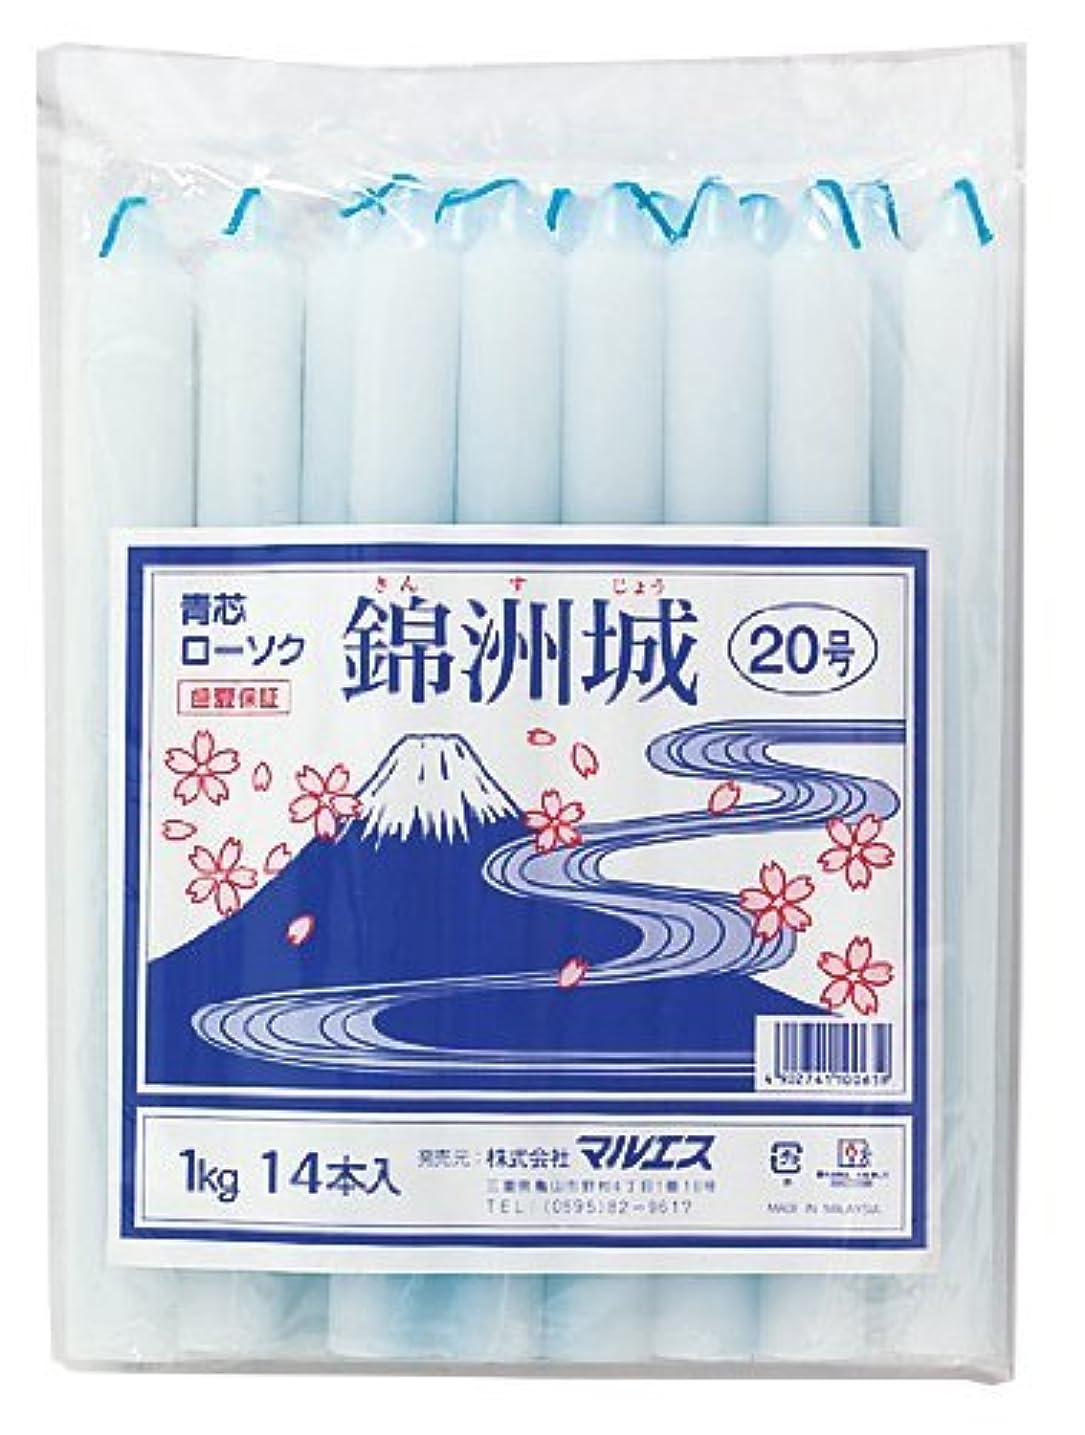 うねる高度なウッズマルエス 錦州城 青芯20号 1kg